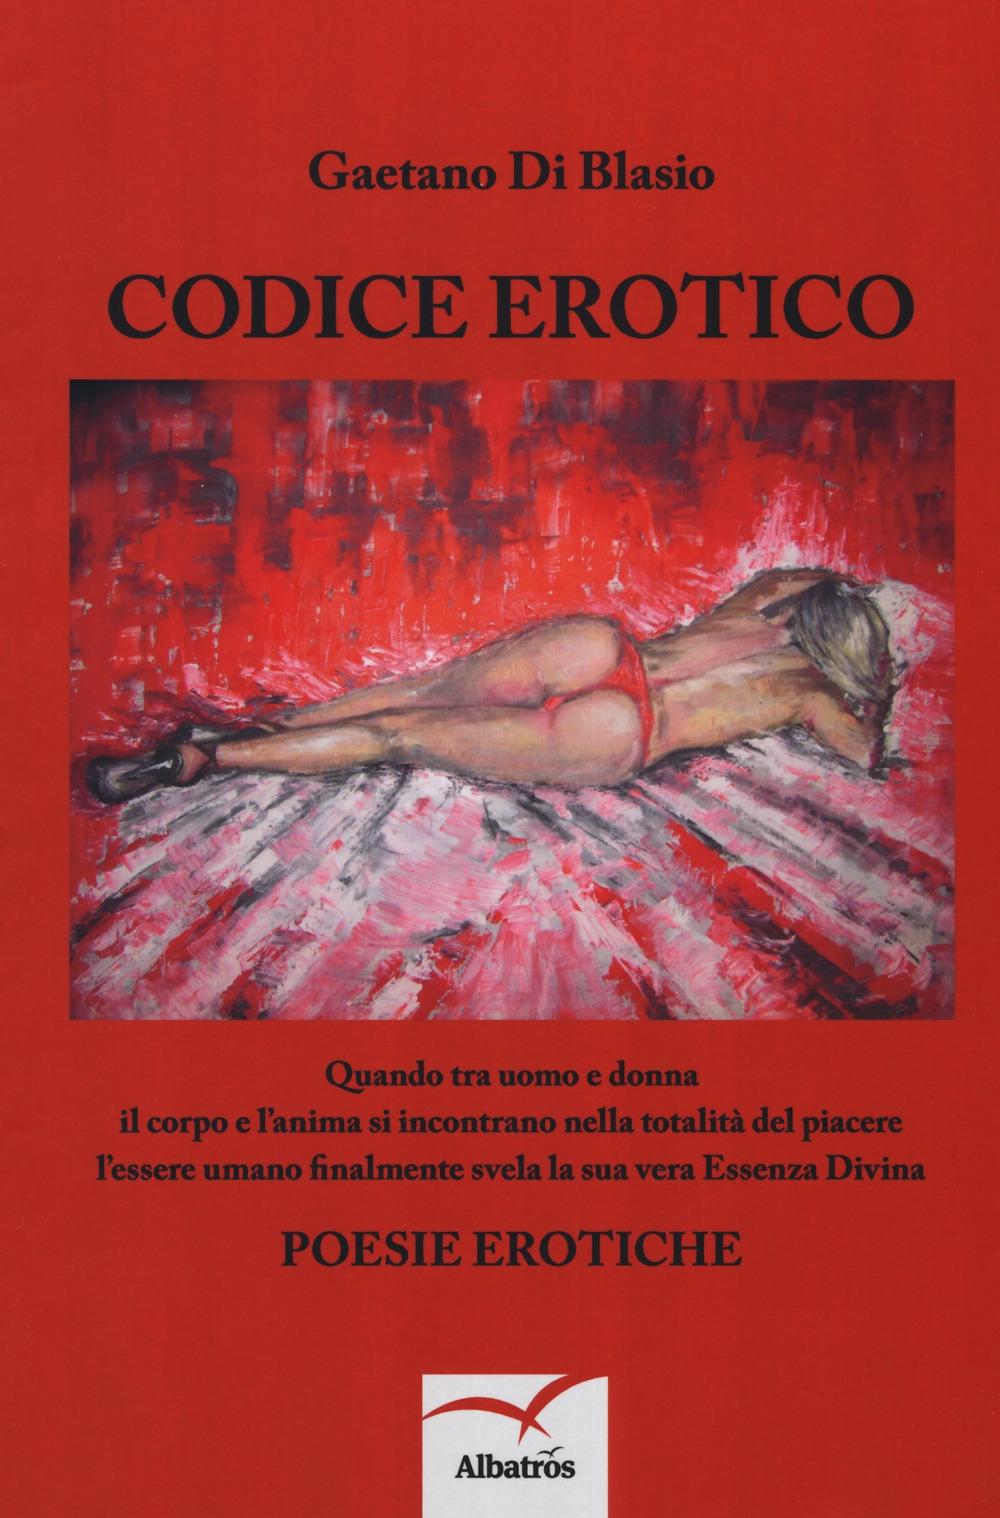 Codice erotico